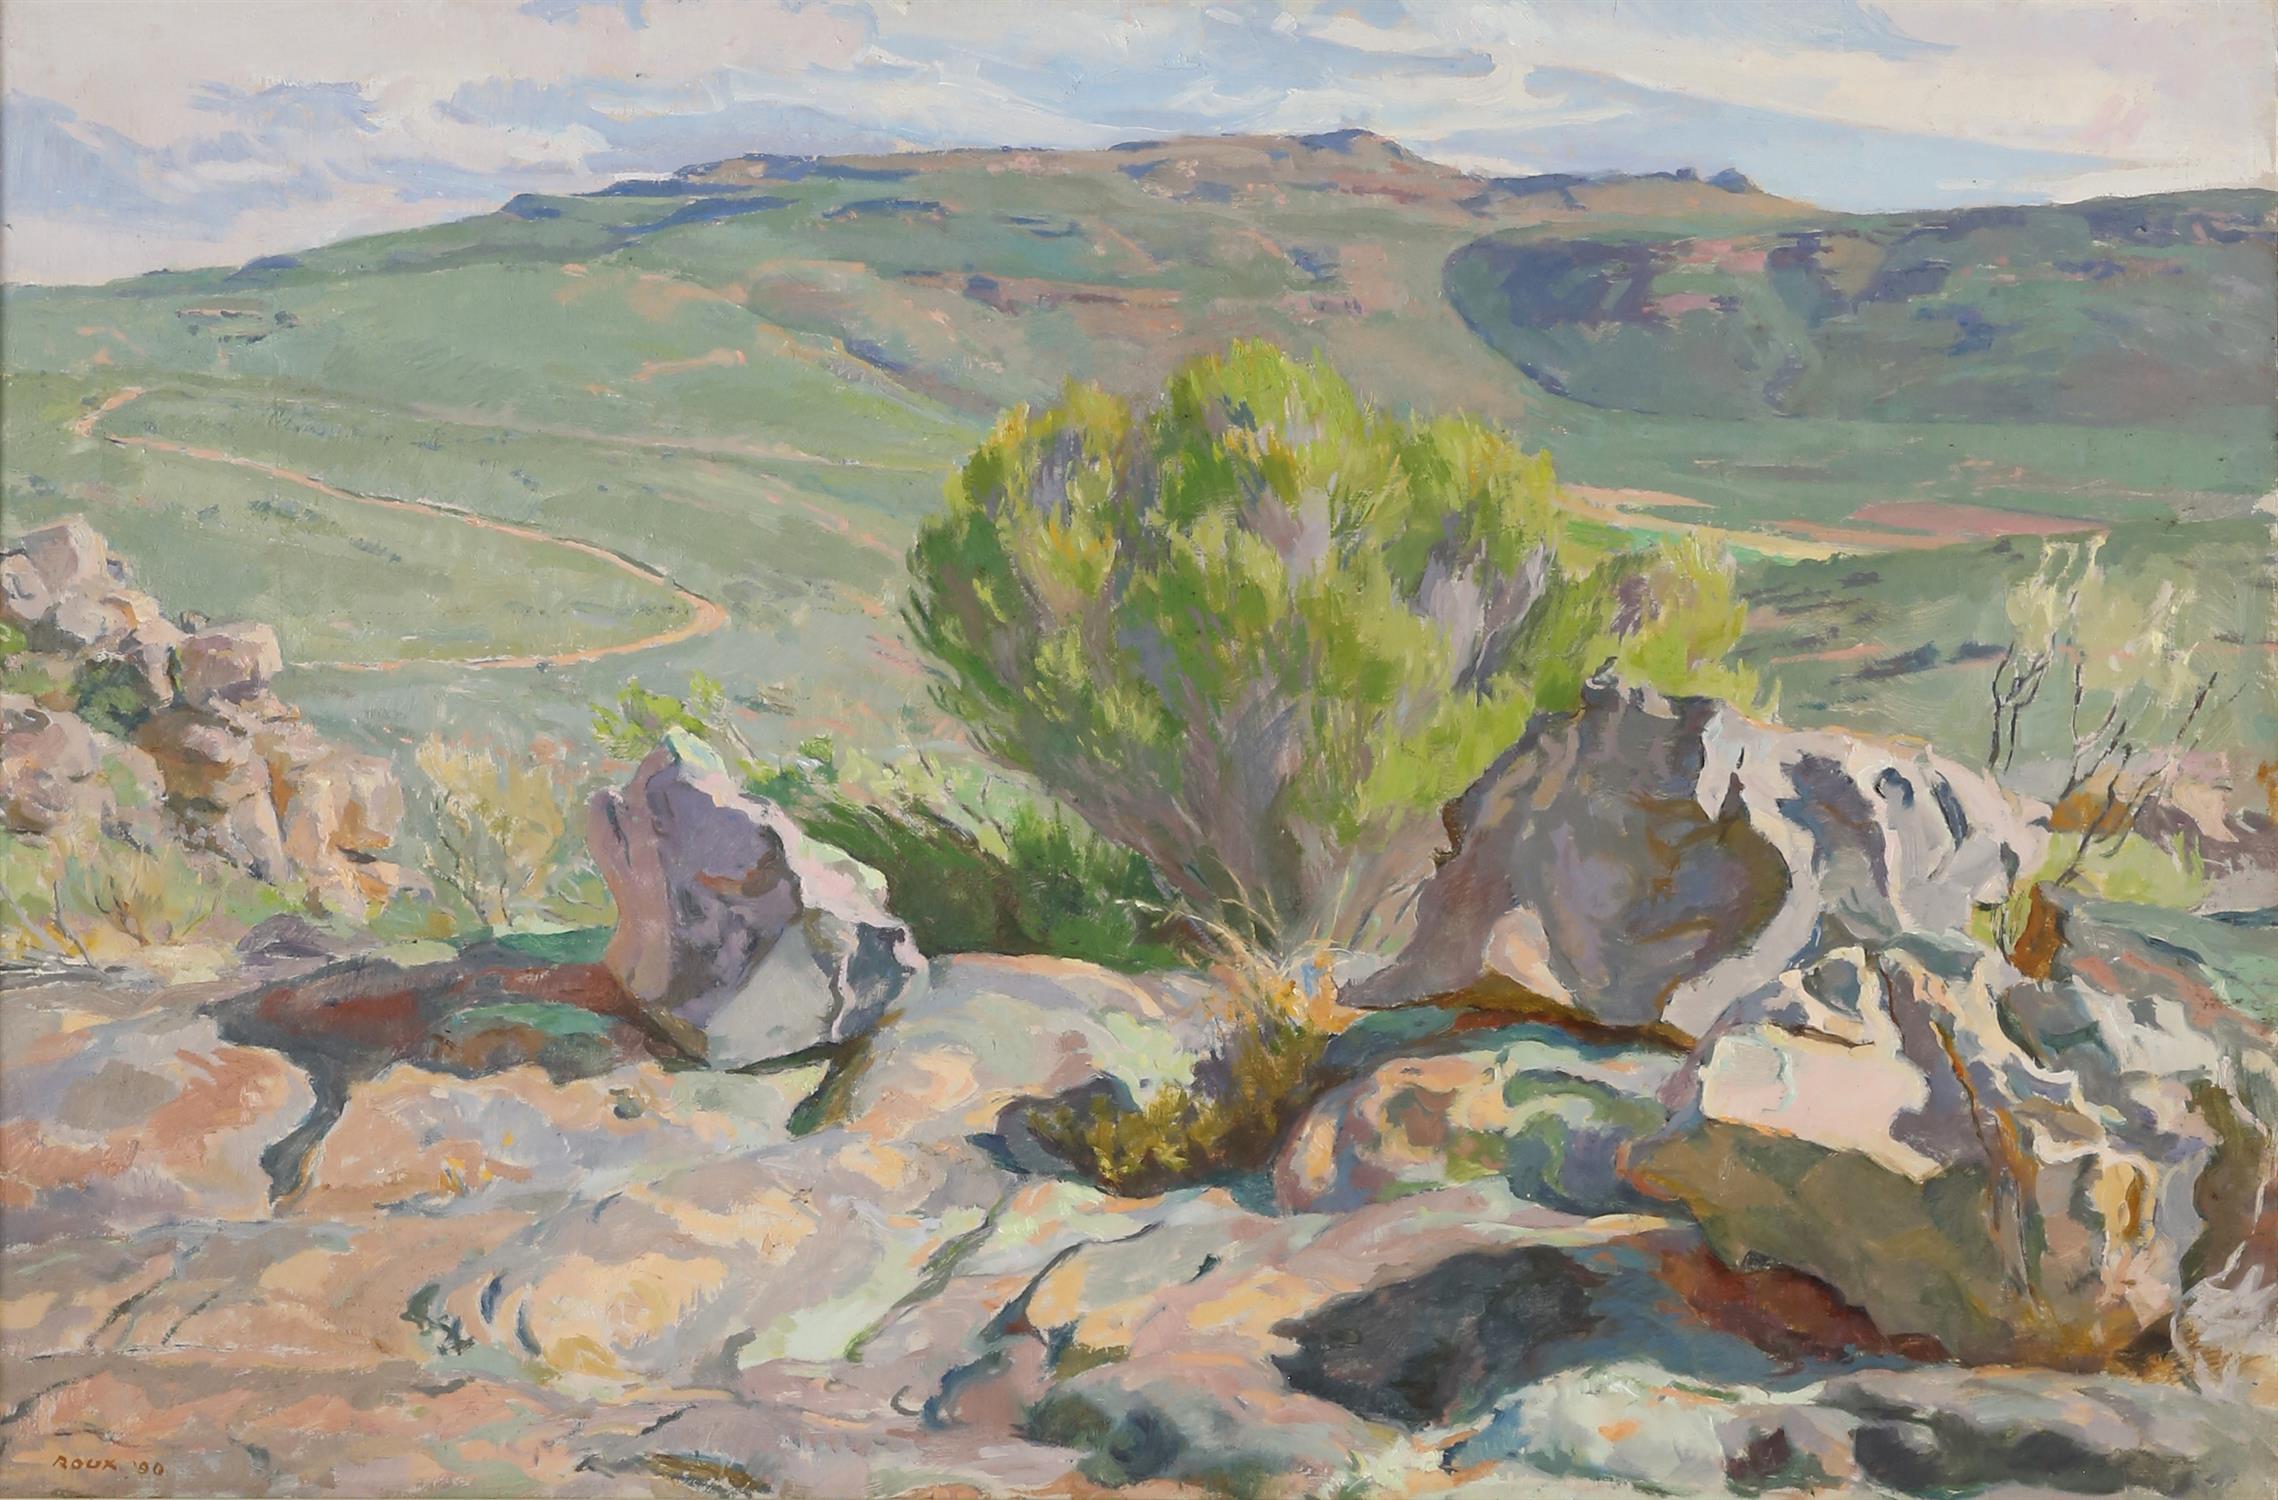 Francois Roux (South African, b. 1927). Cederberg, mountainous landscape. Oil on canvas,